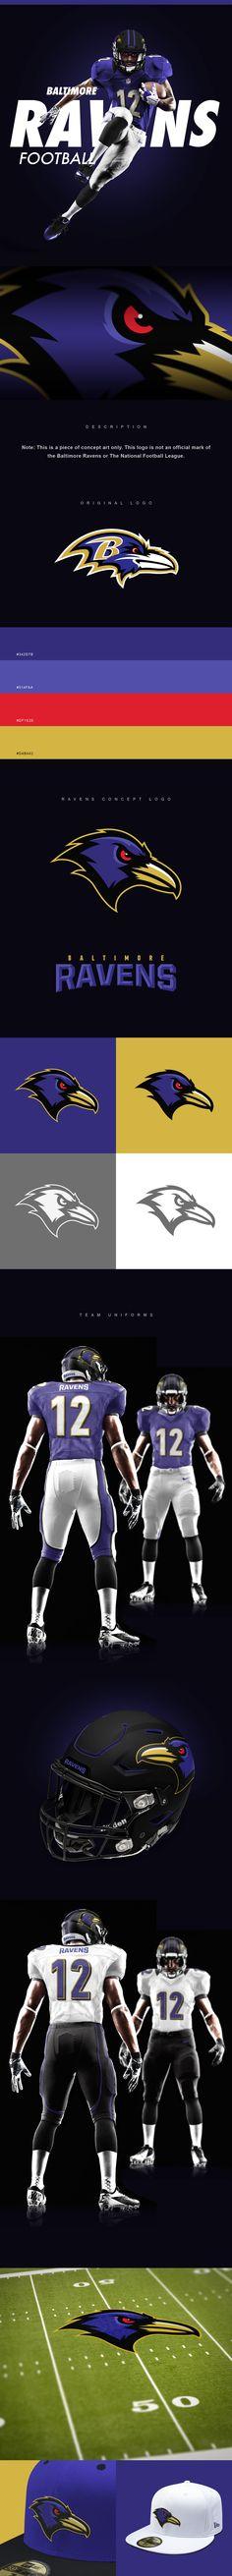 Baltimore Ravens Rebrand Concept on Behance